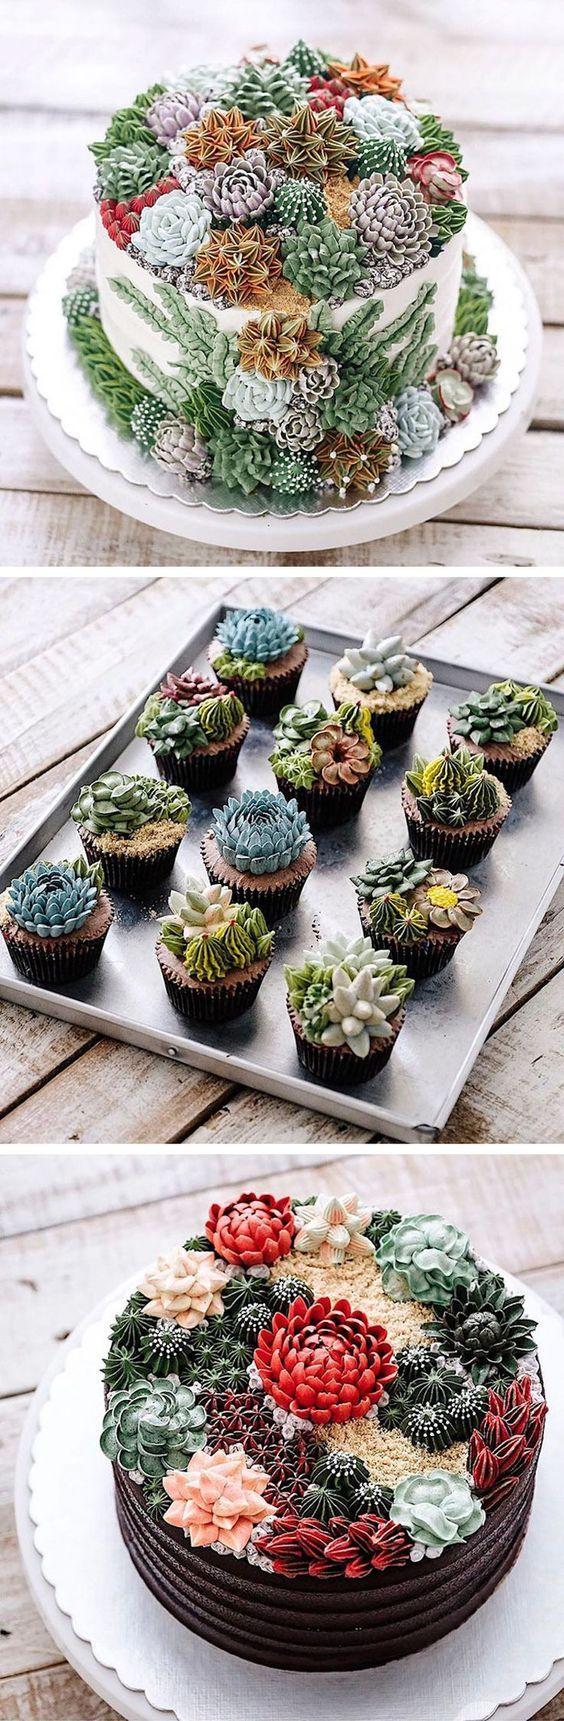 Buttercream flower cakes | buttercream flowers | flower cakesLook like delicious garden ever...